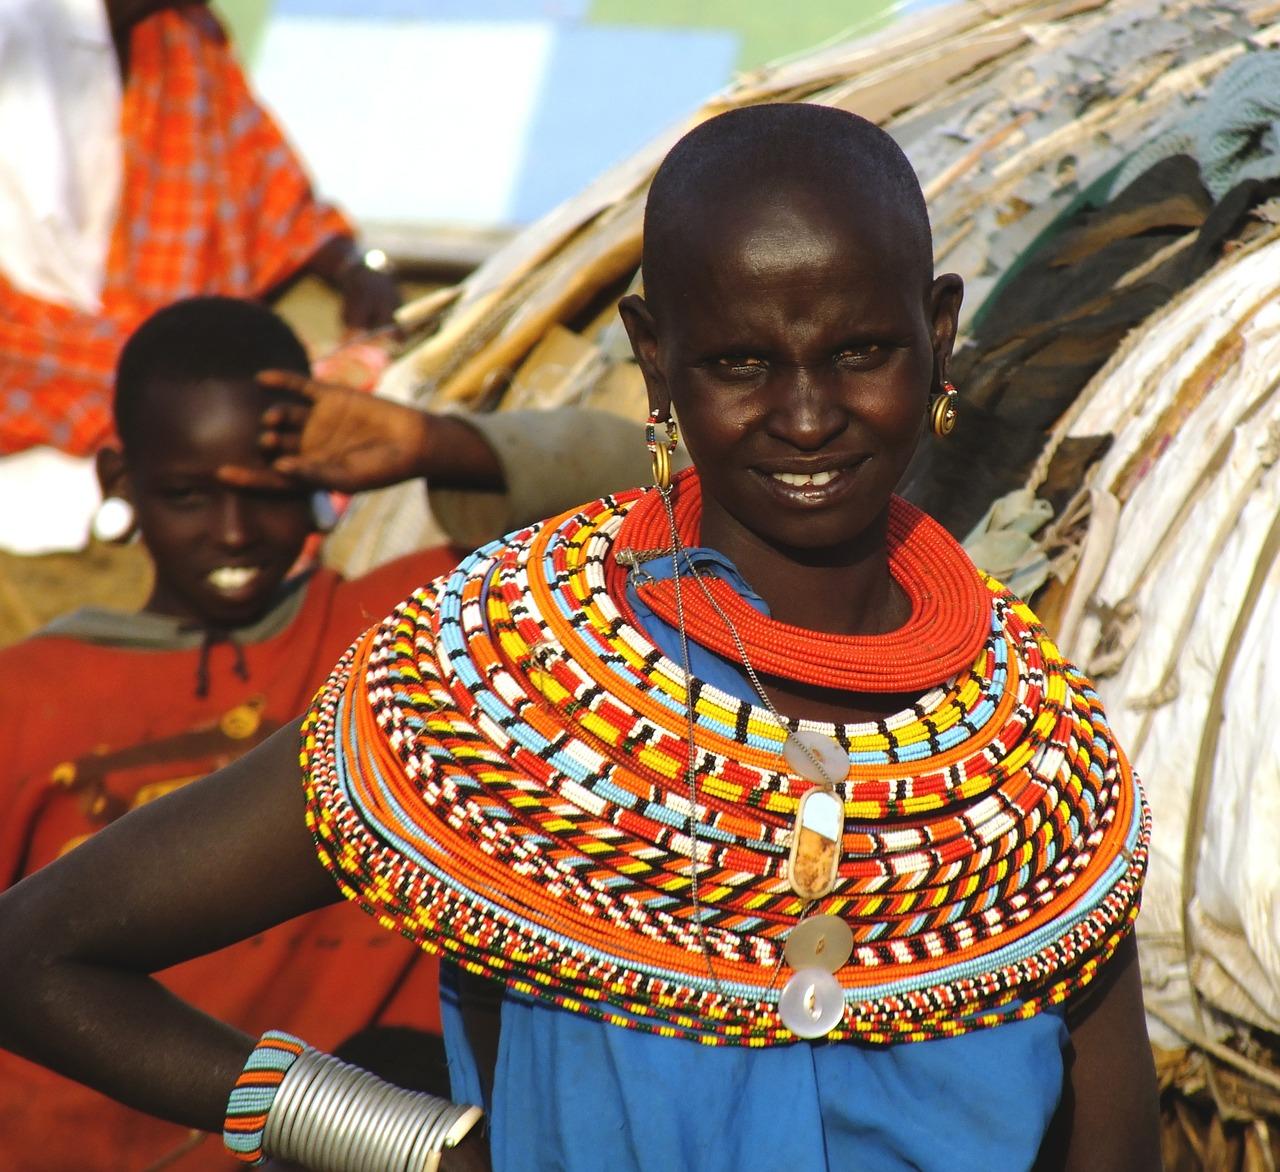 Image of African woman - Menstruatioin awareness